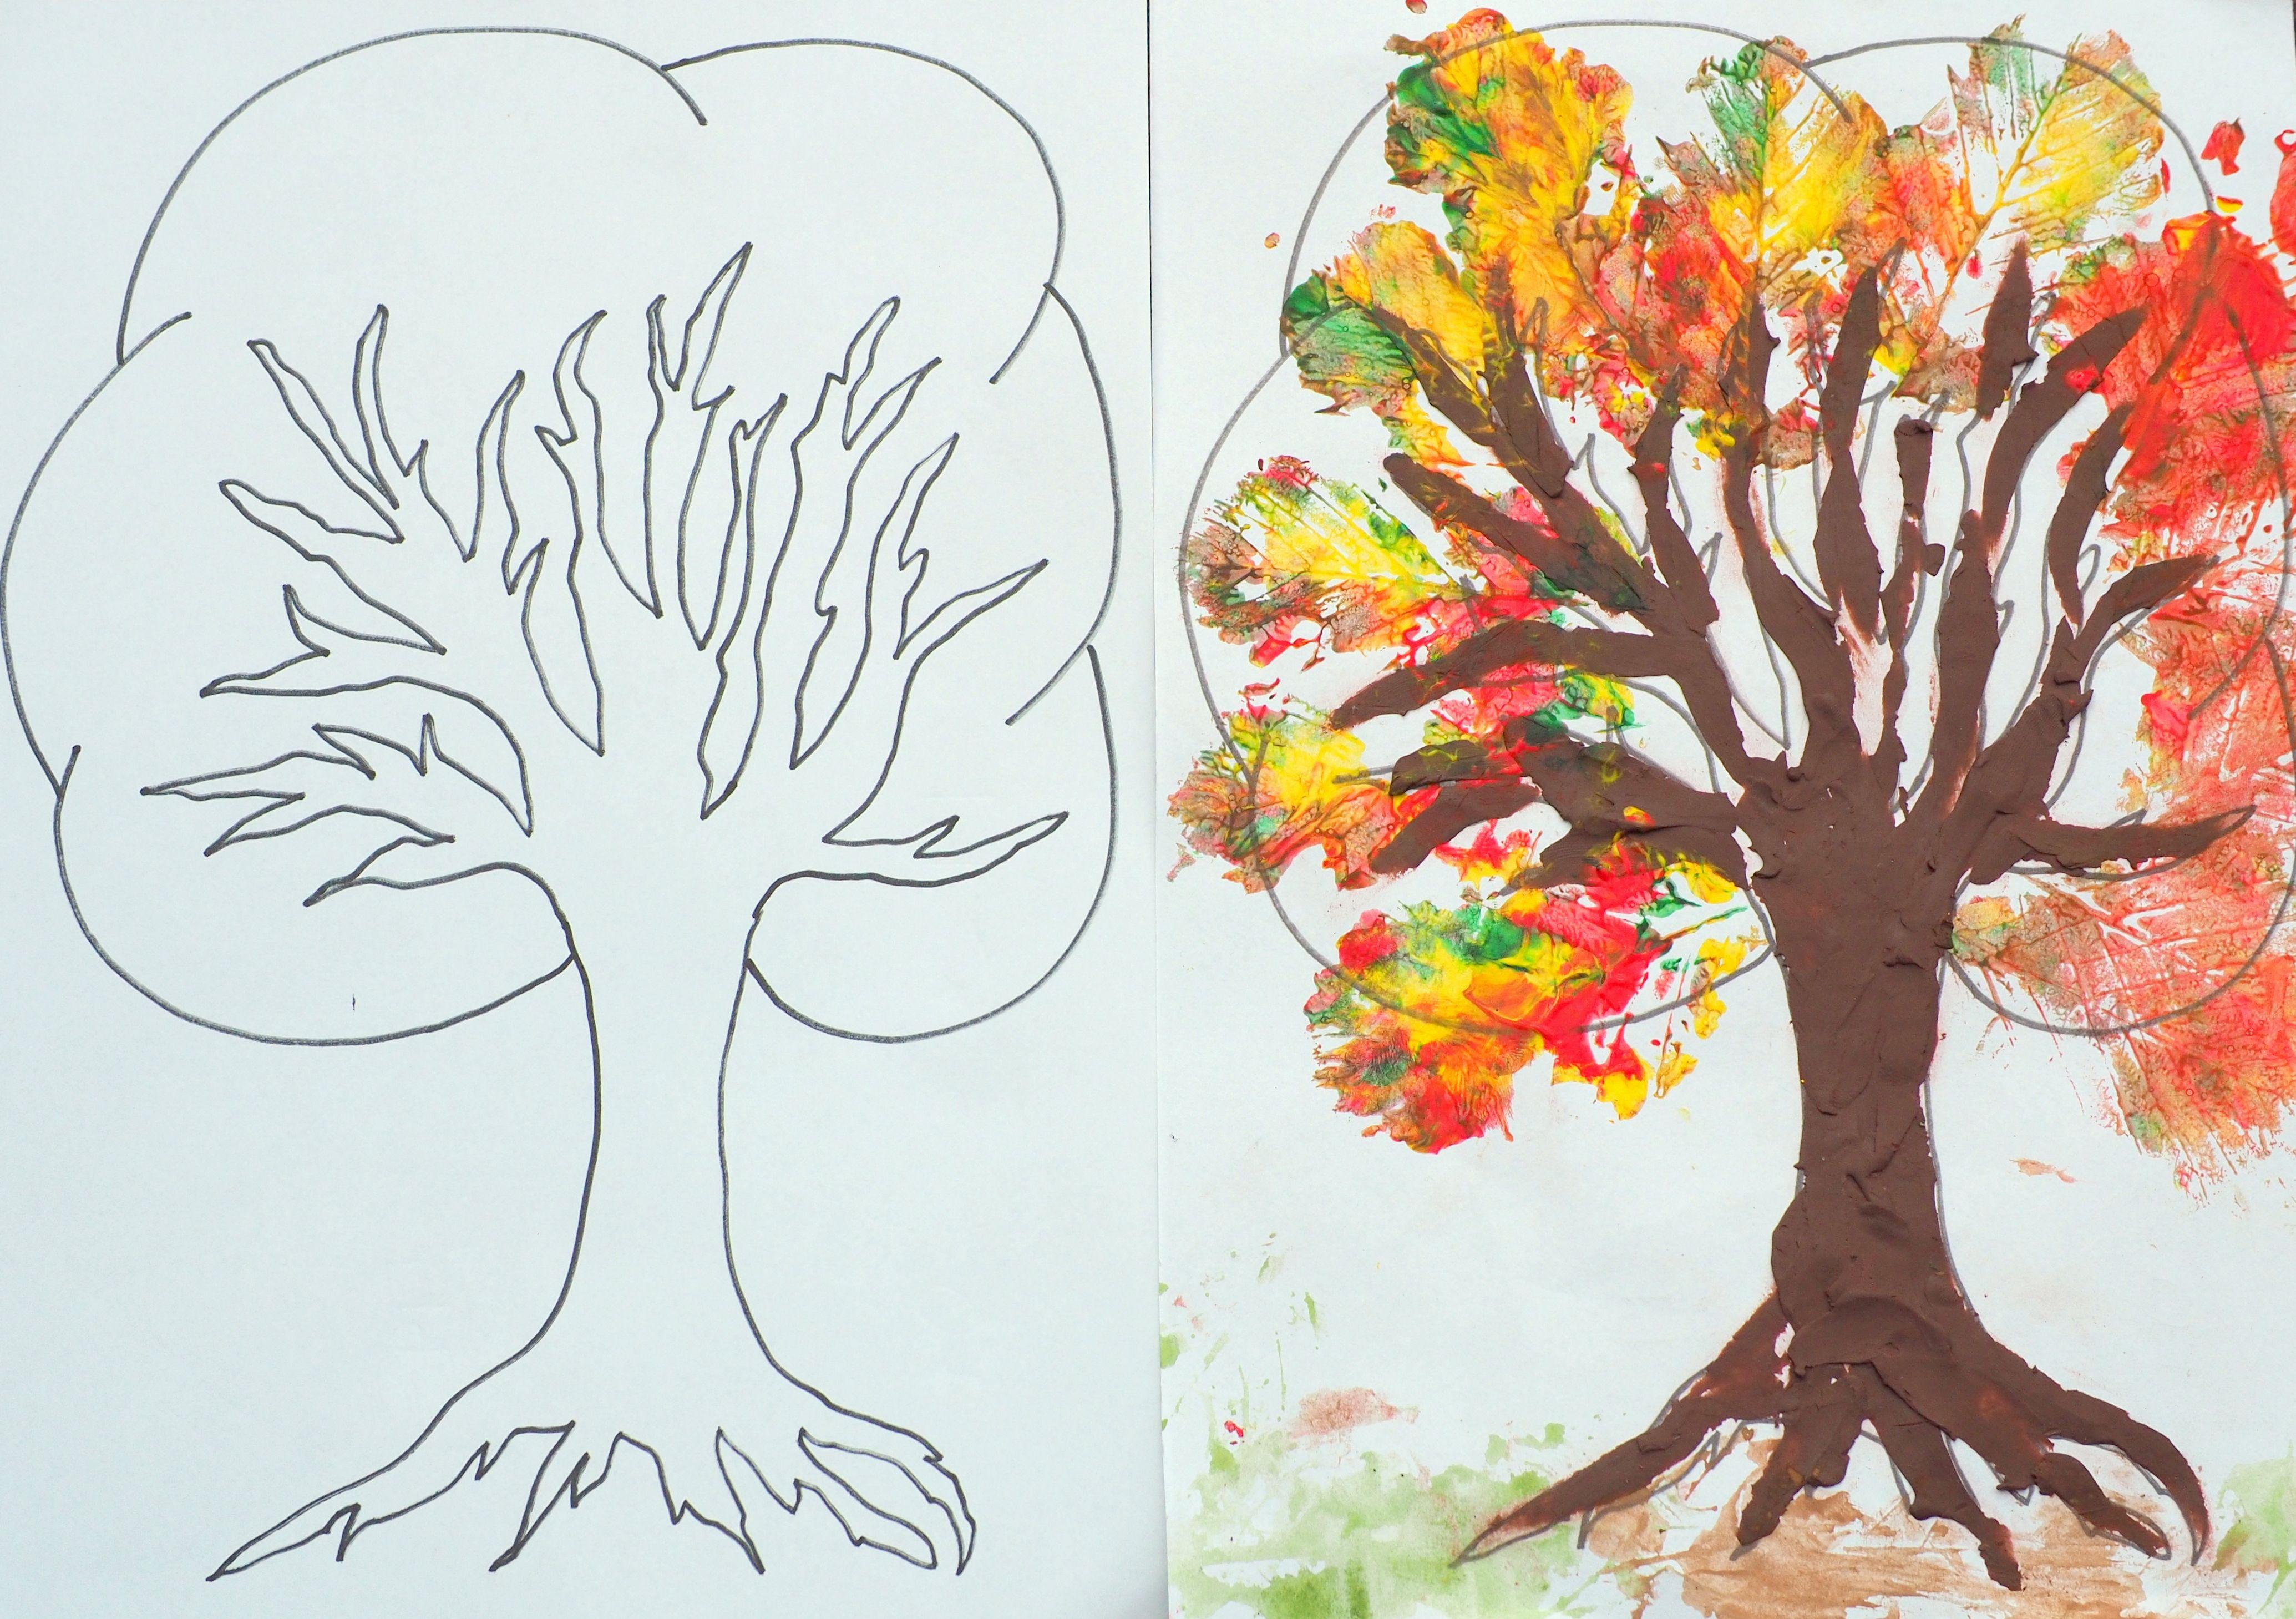 Szablon Drzewa Do Malowania I Wyklejania Moje Dzieci Kreatywnie Art For Kids Moose Art Painting